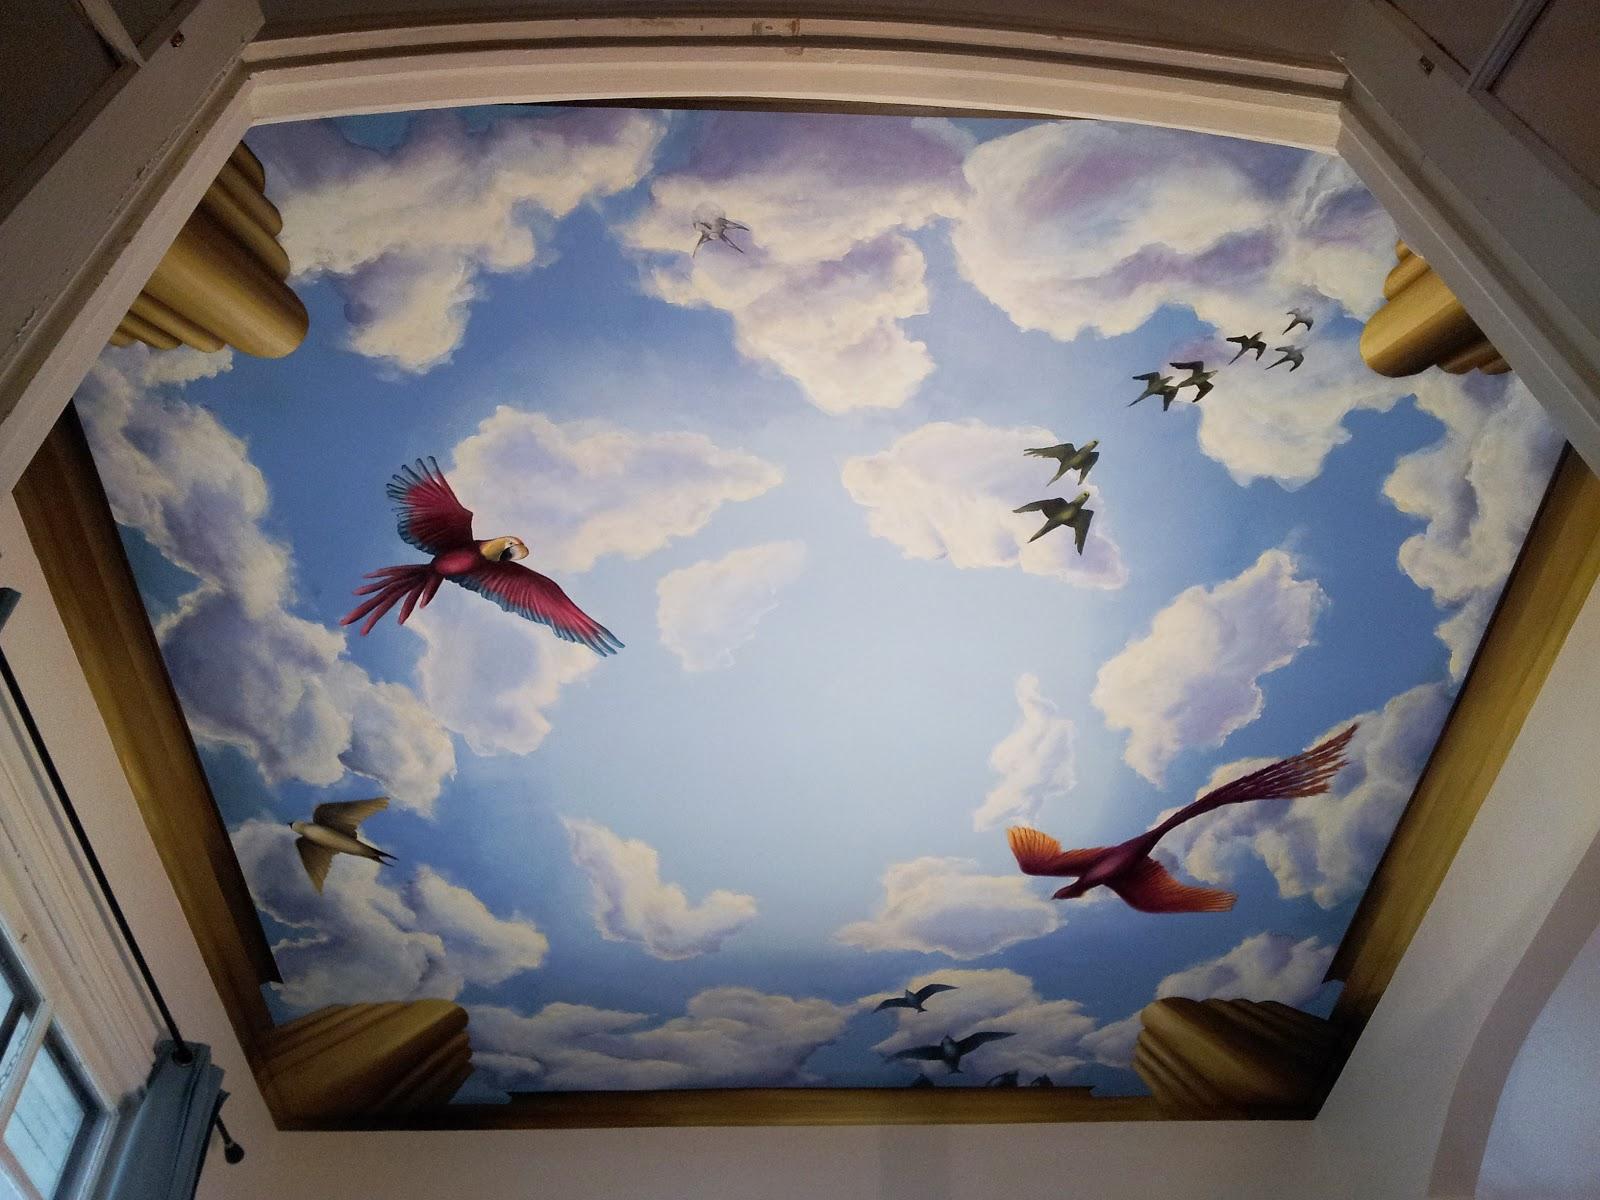 wallpaper for ceiling mural sky - photo #24